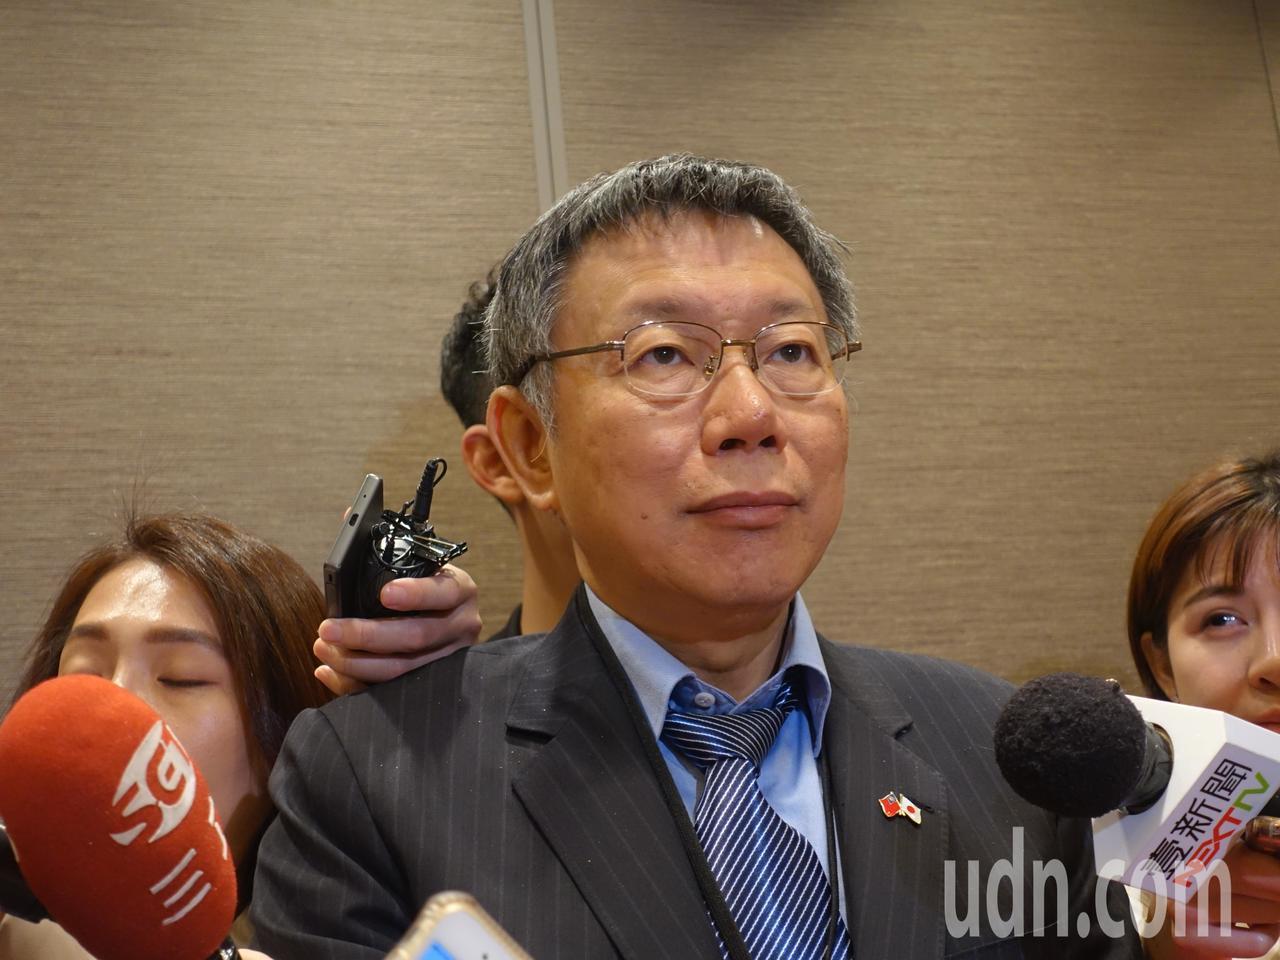 台北市長柯文哲表示,2018台灣在經濟政策上最大敗筆就是沒有趁勢加入CPTPP ...